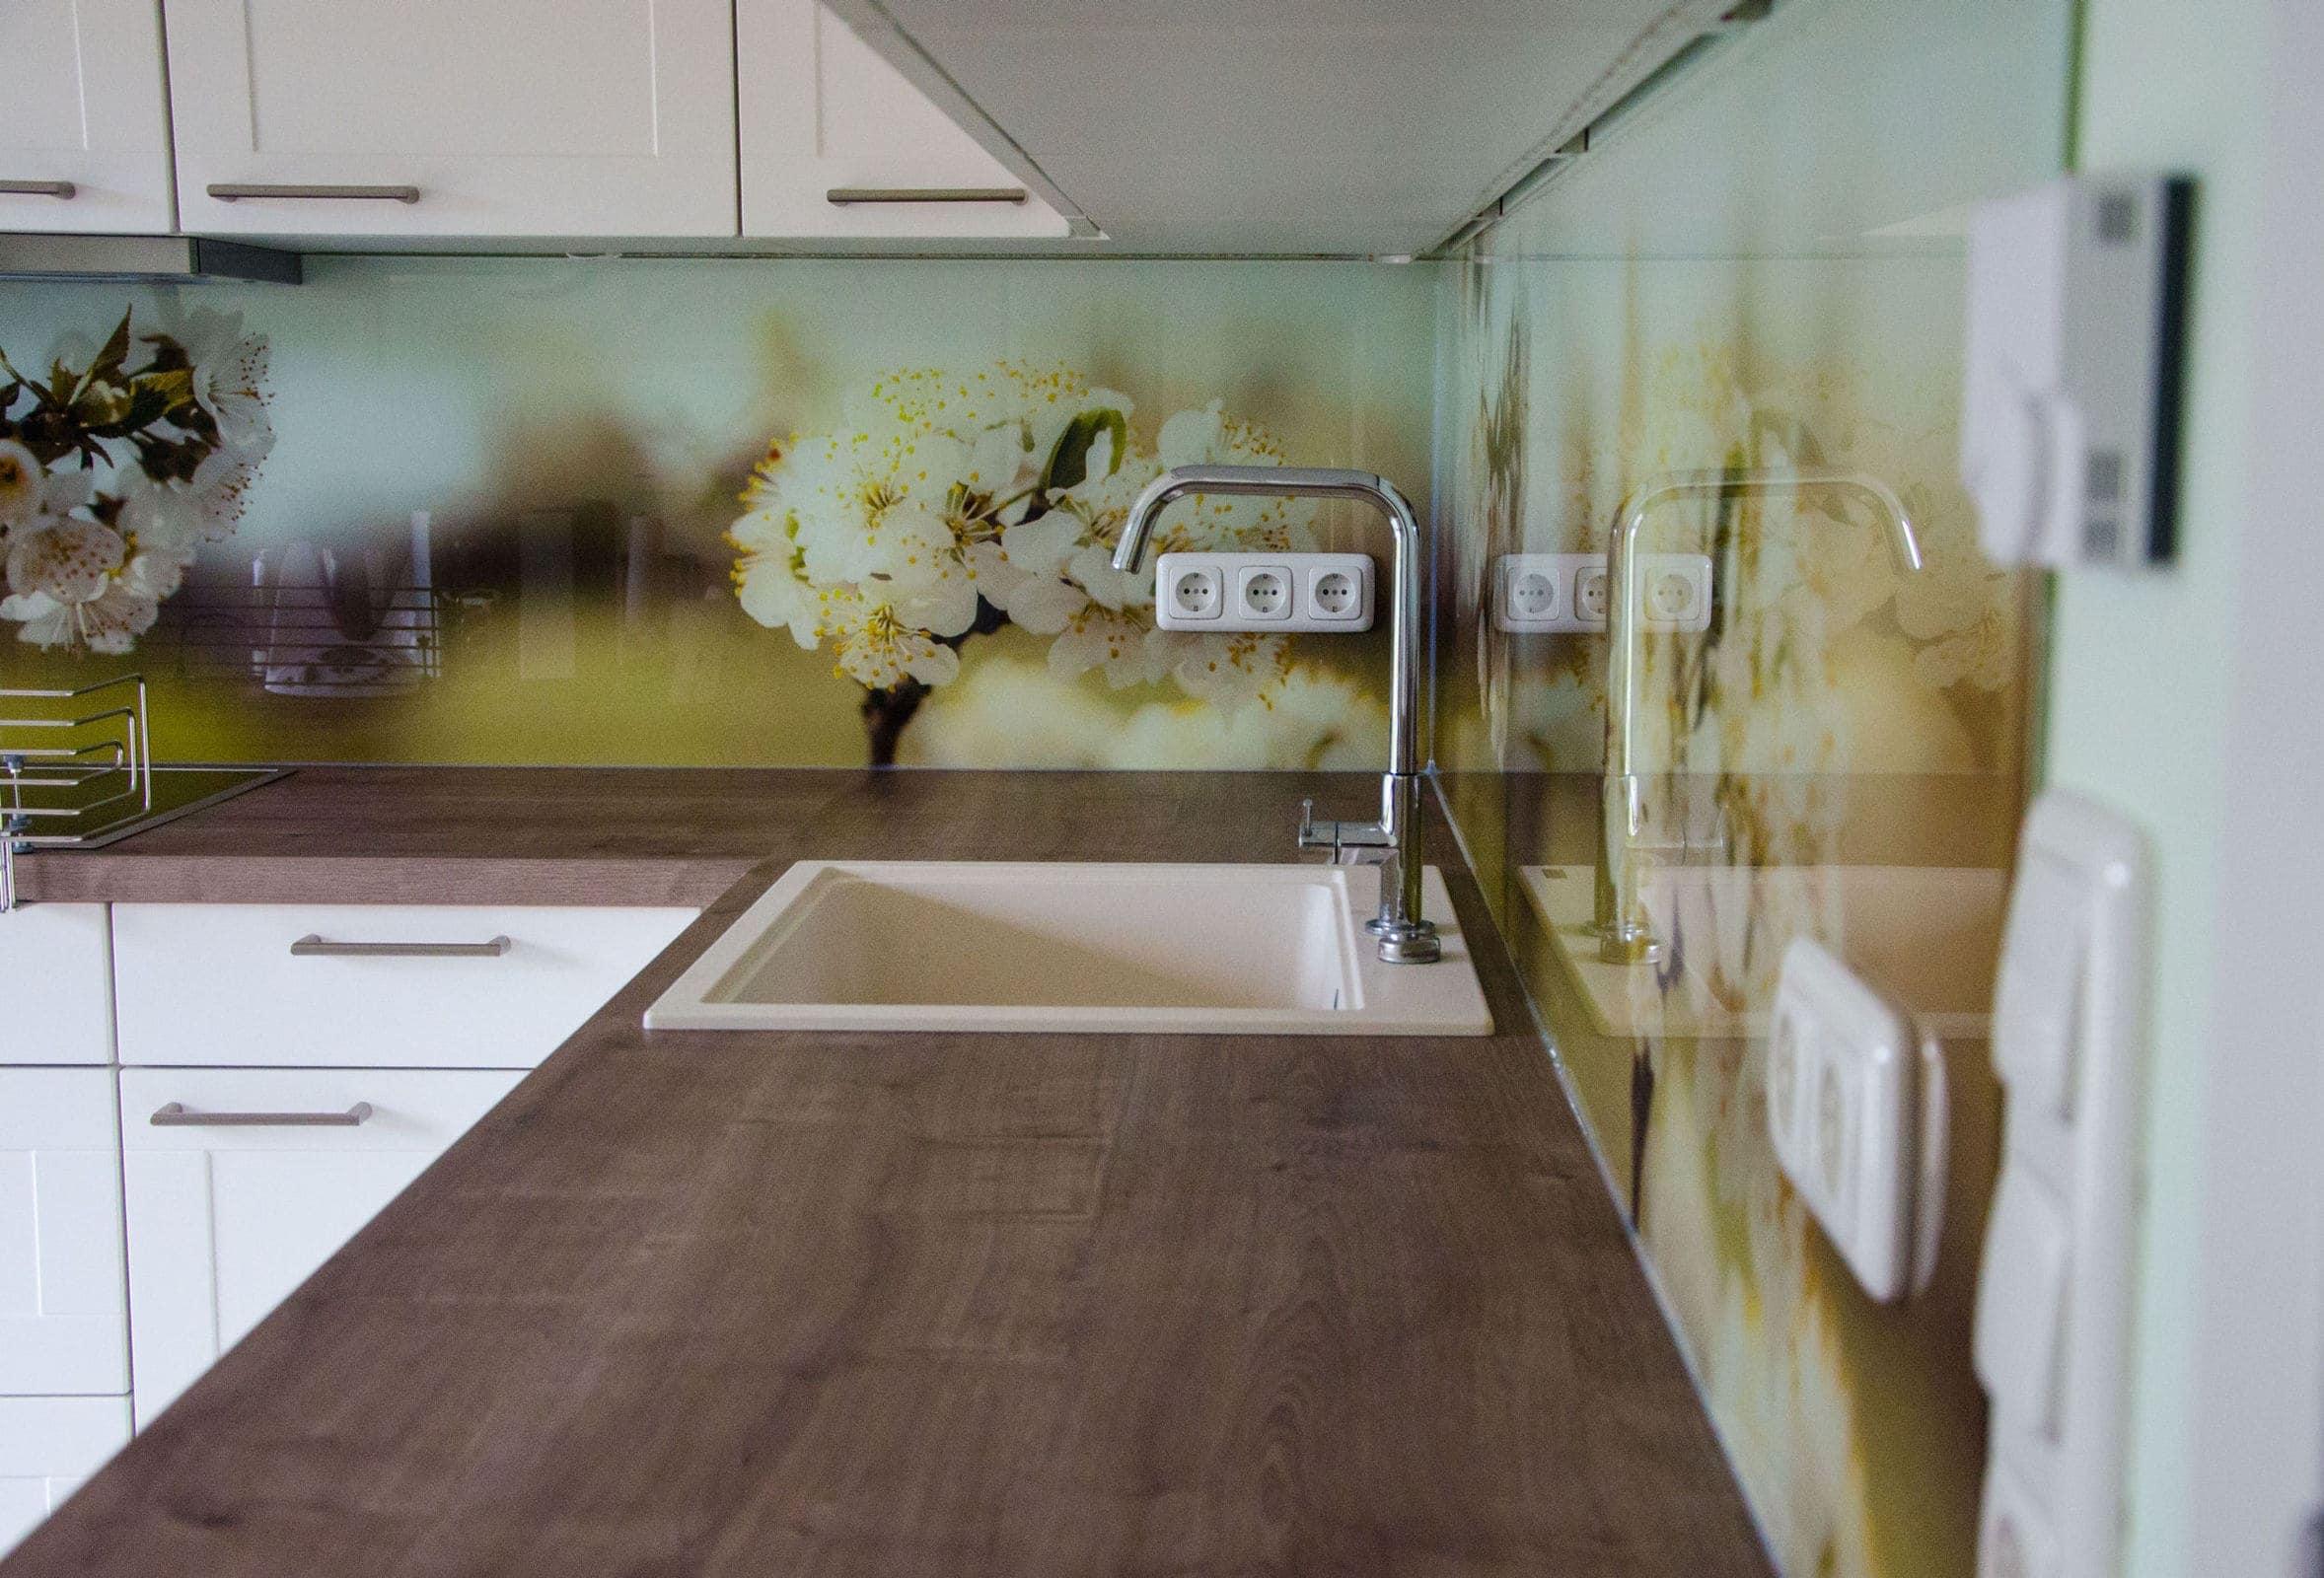 Full Size of Glaswand Küche Spritzschutz Hinterleuchtete Glaswand Küche Glaswand Küche Montage Glaswand Küche Reinigen Küche Glaswand Küche